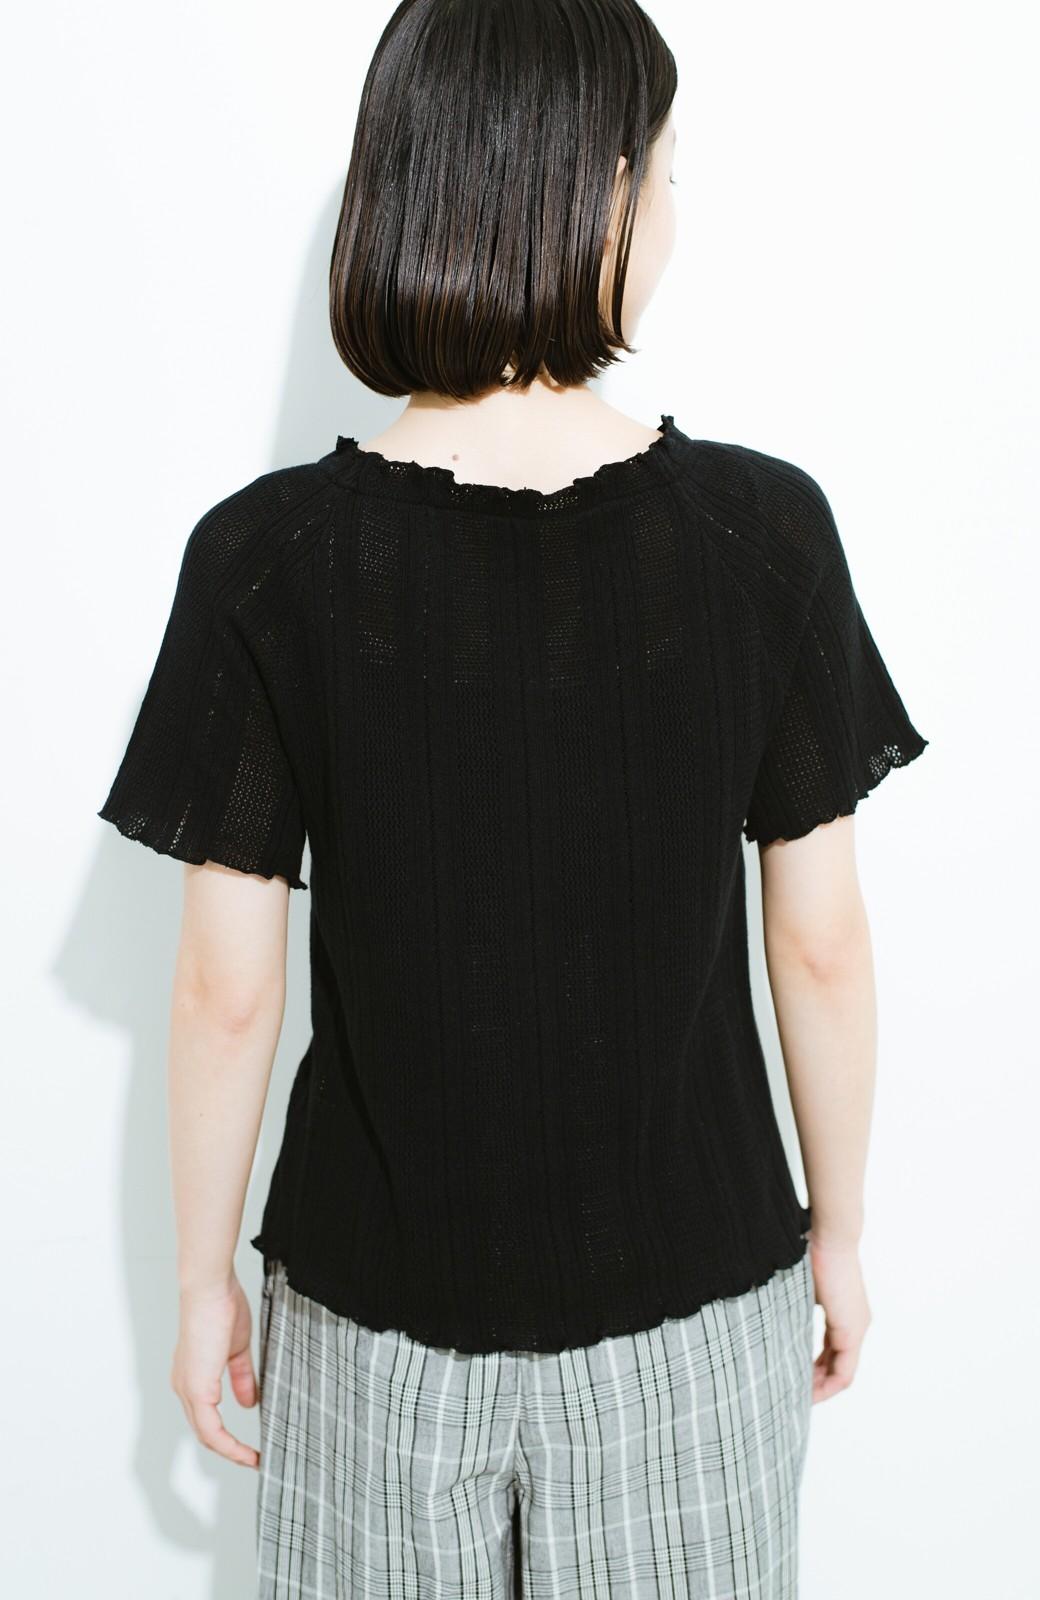 haco! スカートにもパンツにも合う ぴったりめがかわいい透かし柄ニット <ブラック>の商品写真11